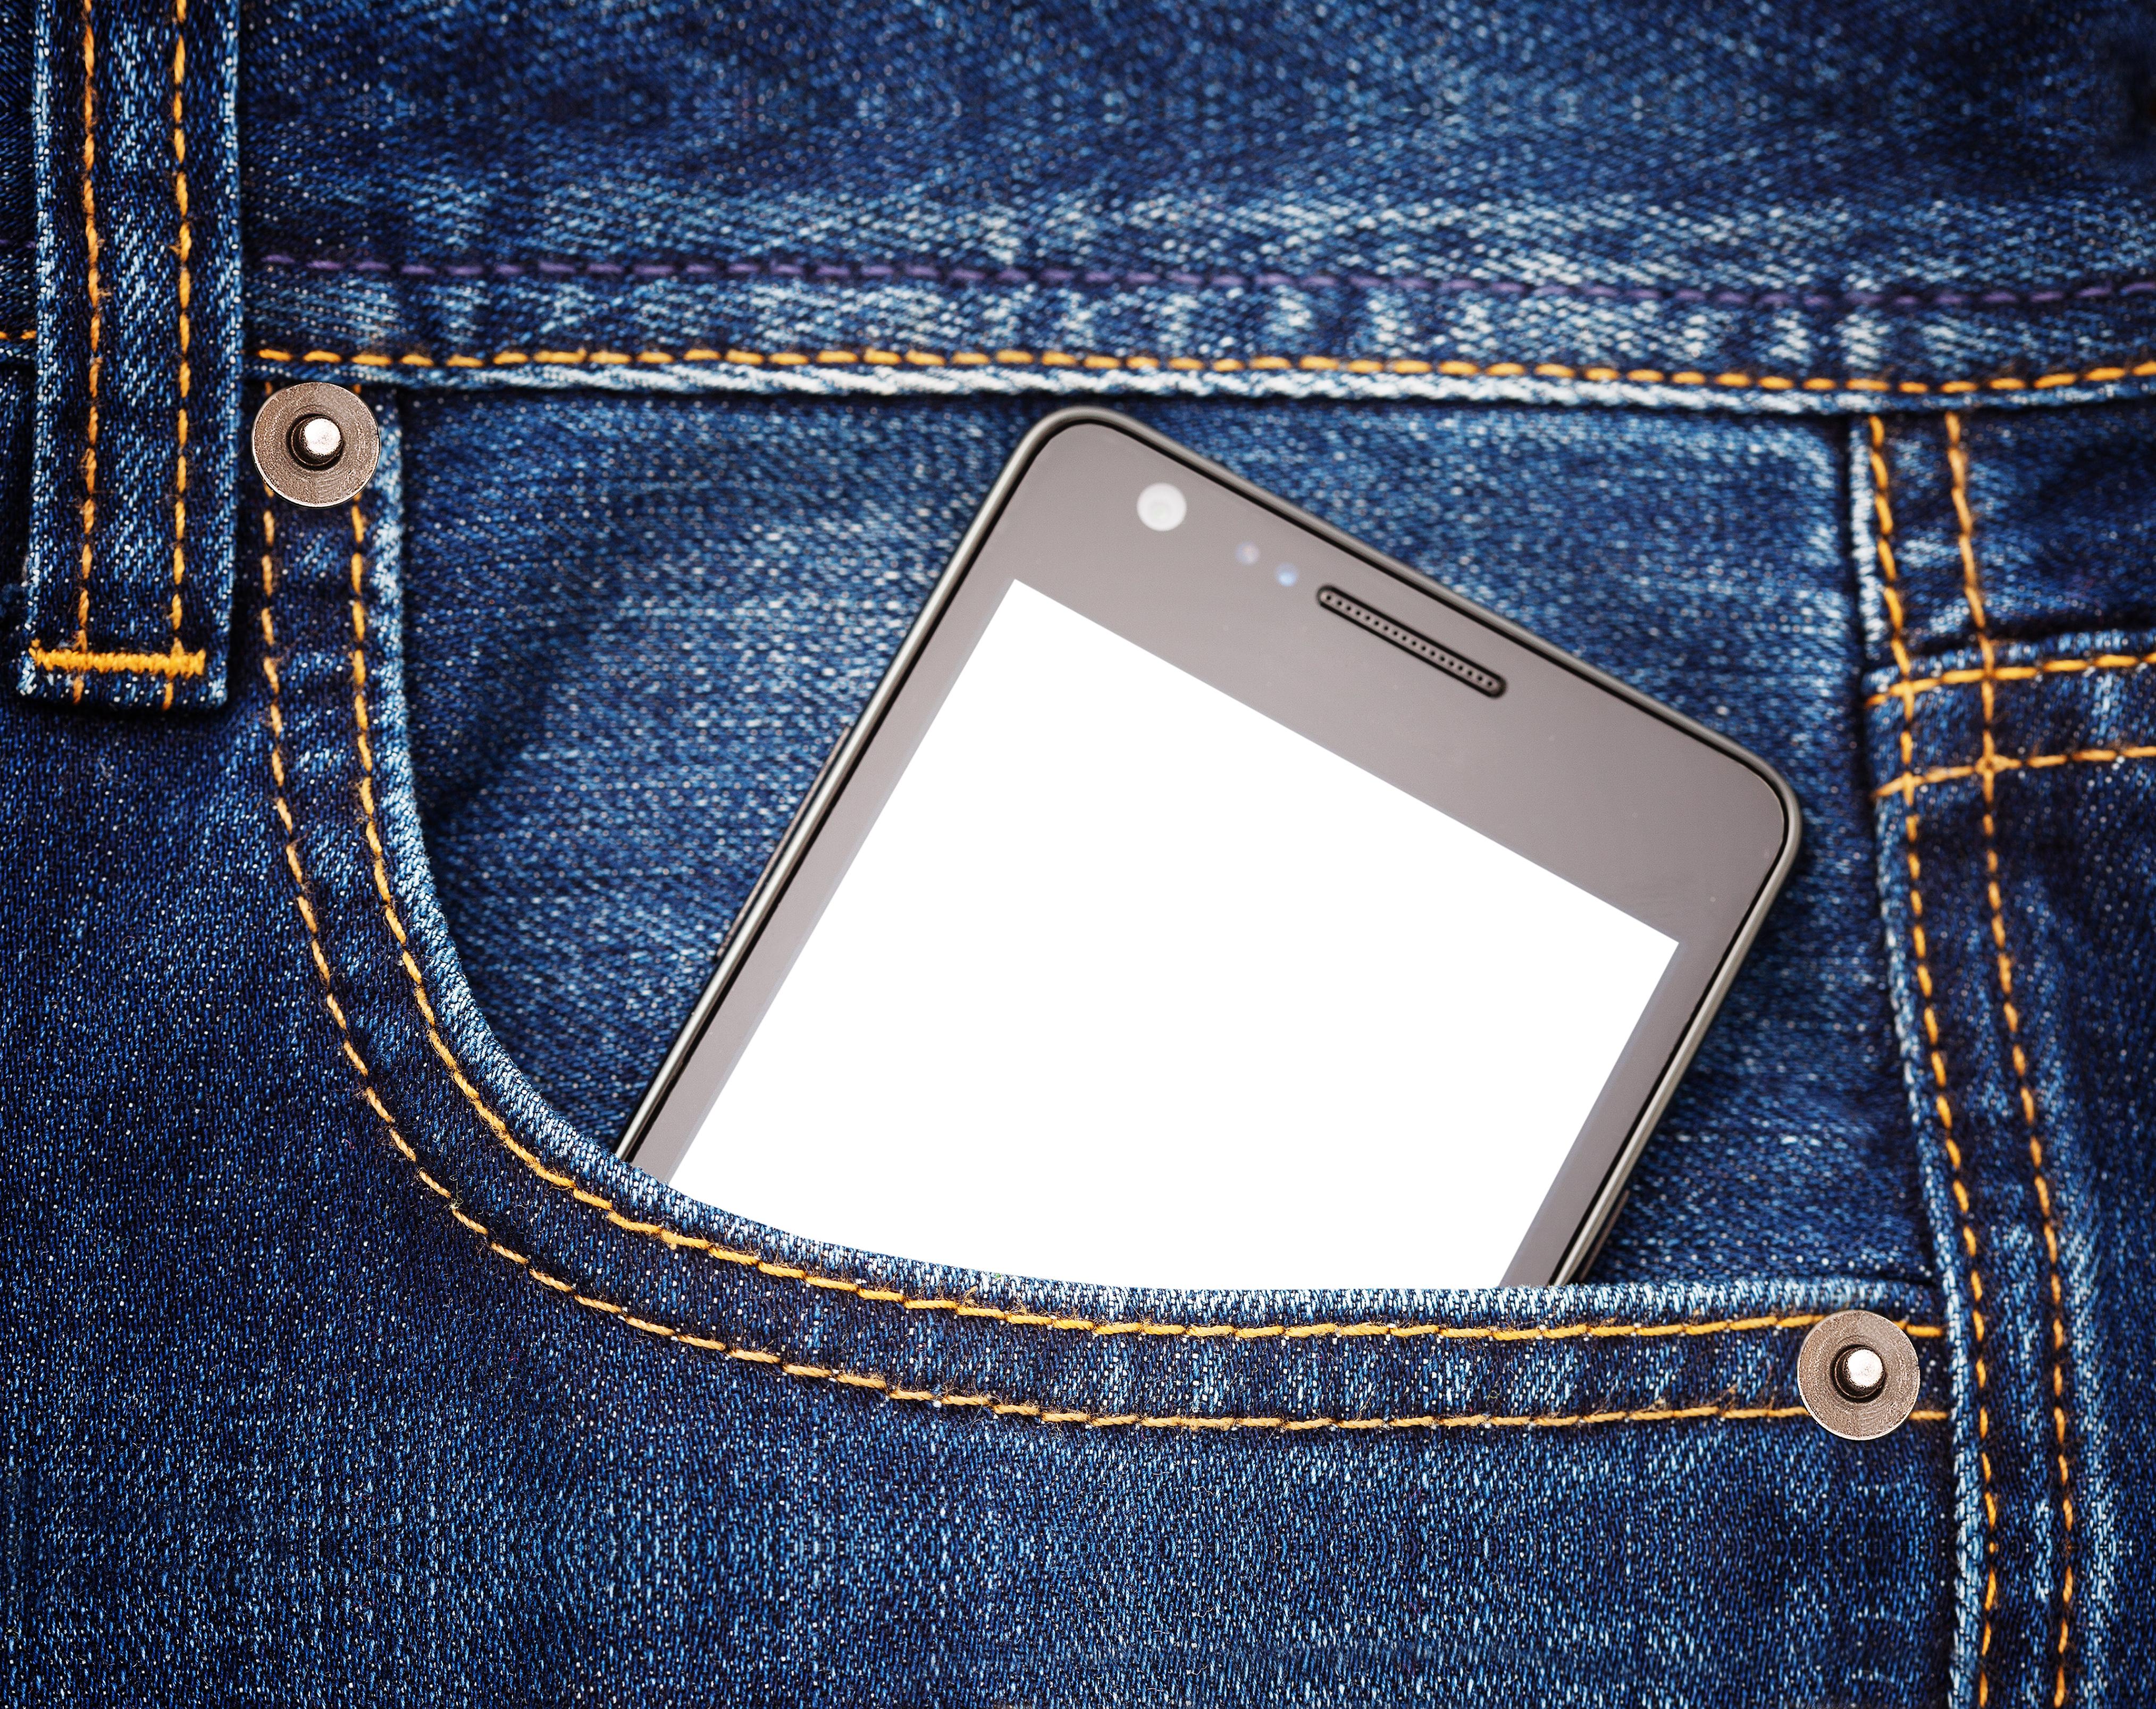 jeans pocket computer smartphone